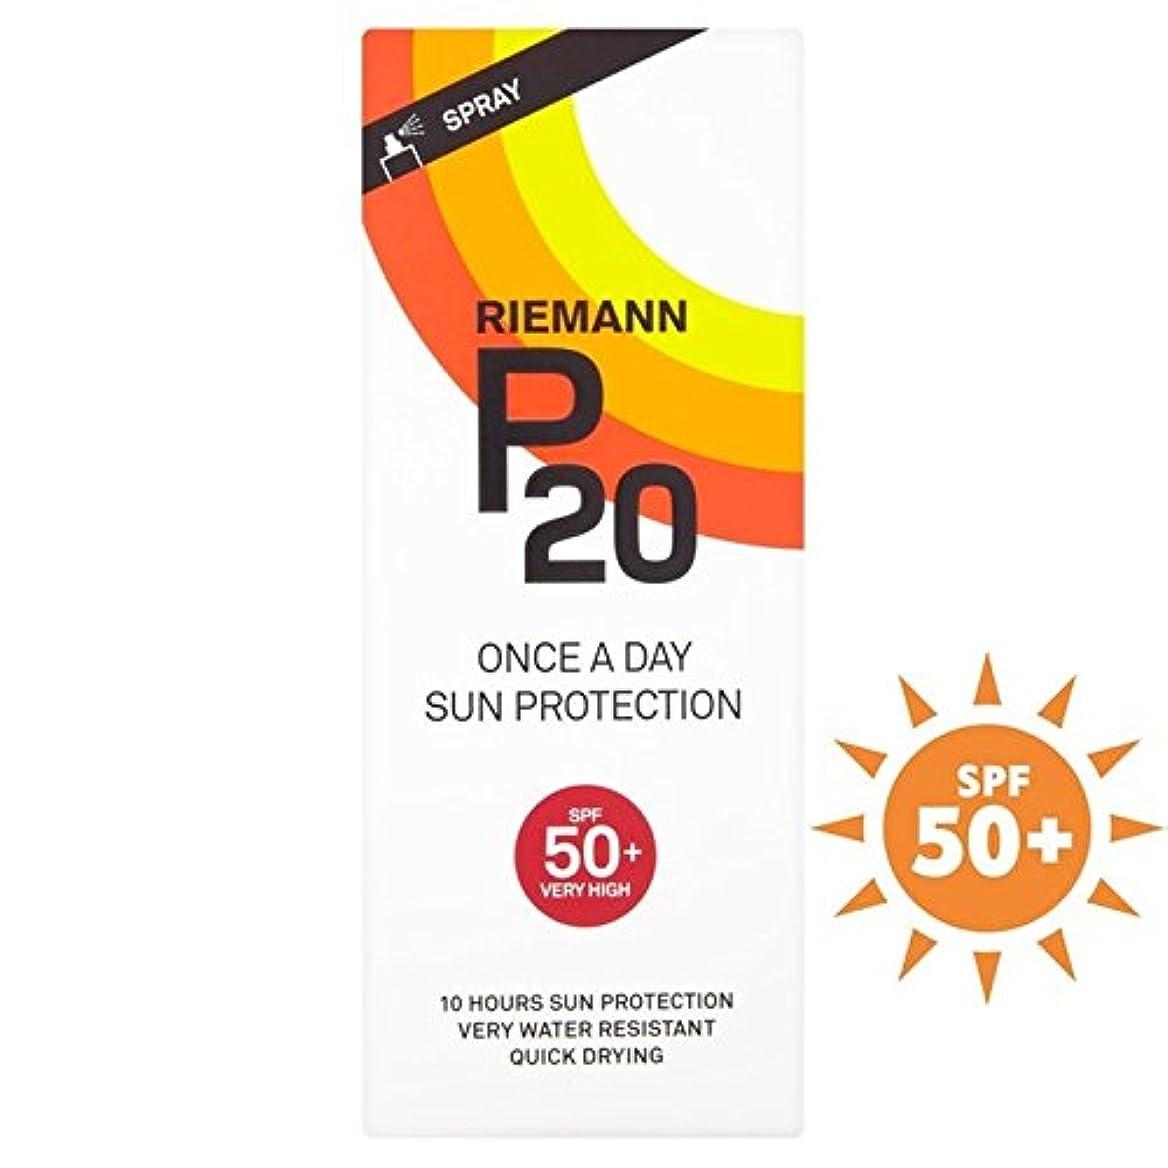 私たち自身マイクピストルRiemann P20 SPF50+ 1 Day/10 Hour Protection 200ml (Pack of 6) - リーマン20の50 + 1日/ 10時間の保護200ミリリットル x6 [並行輸入品]